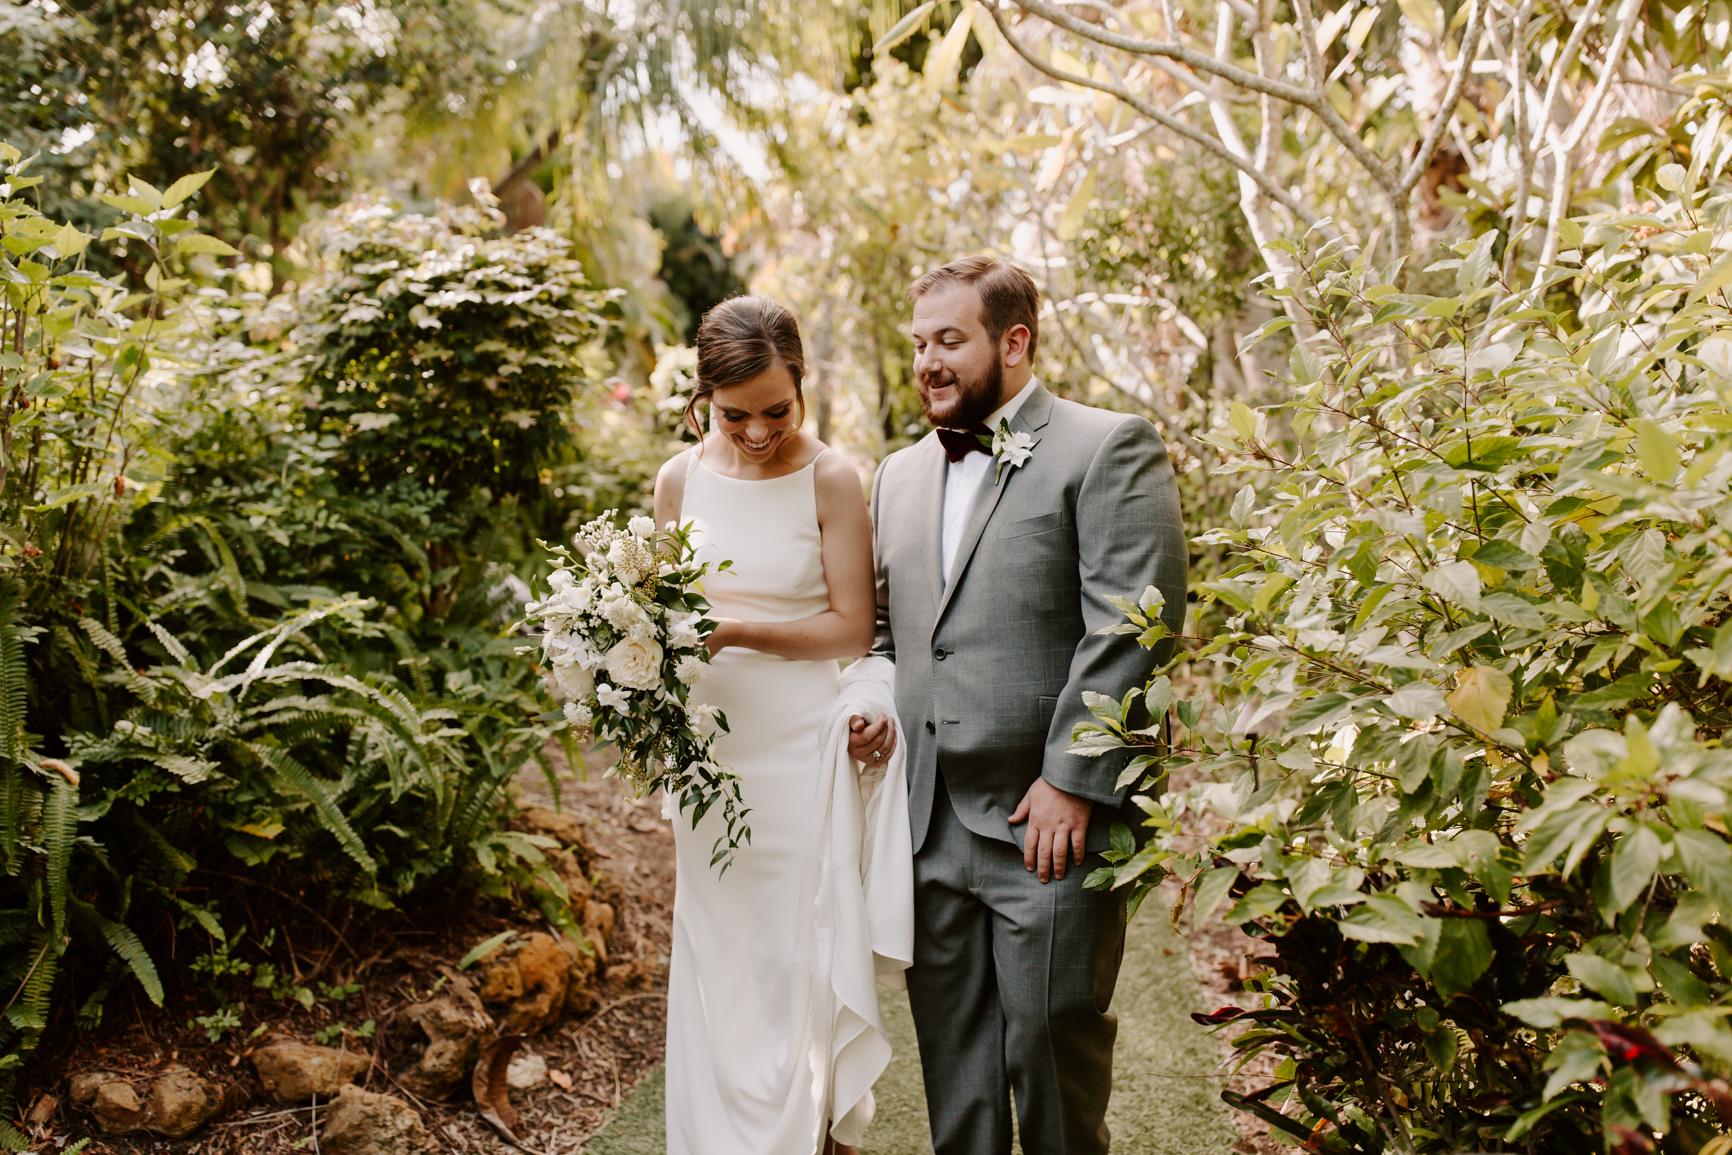 bride&groom-5.jpg